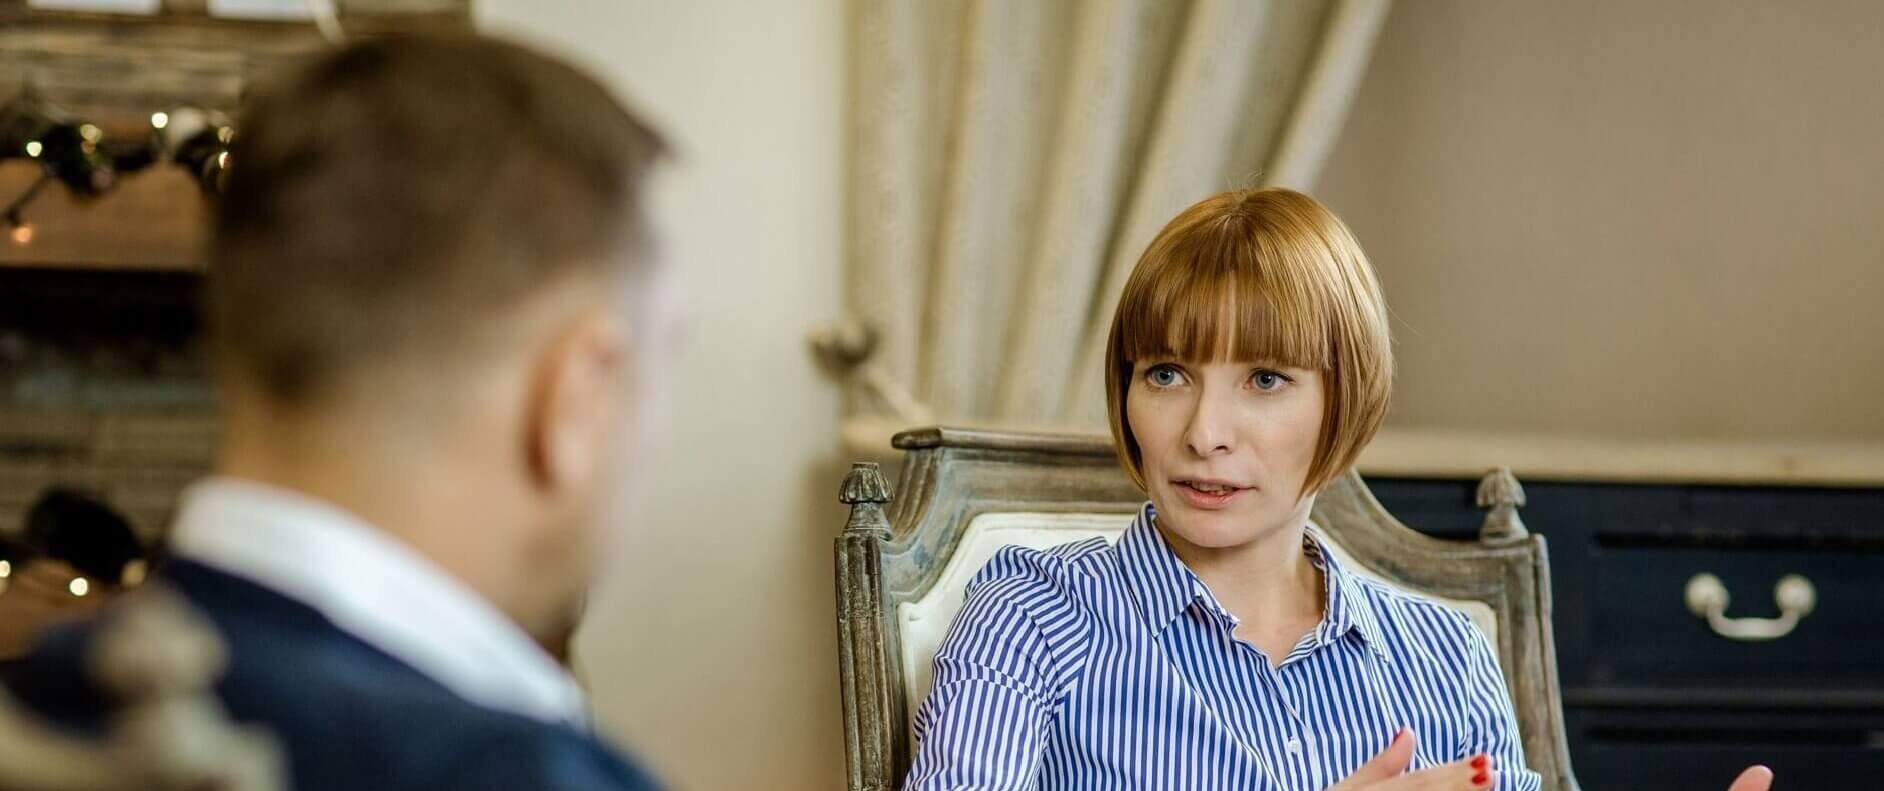 TOP15MOSCOW взяли интервью у свадебных агентств